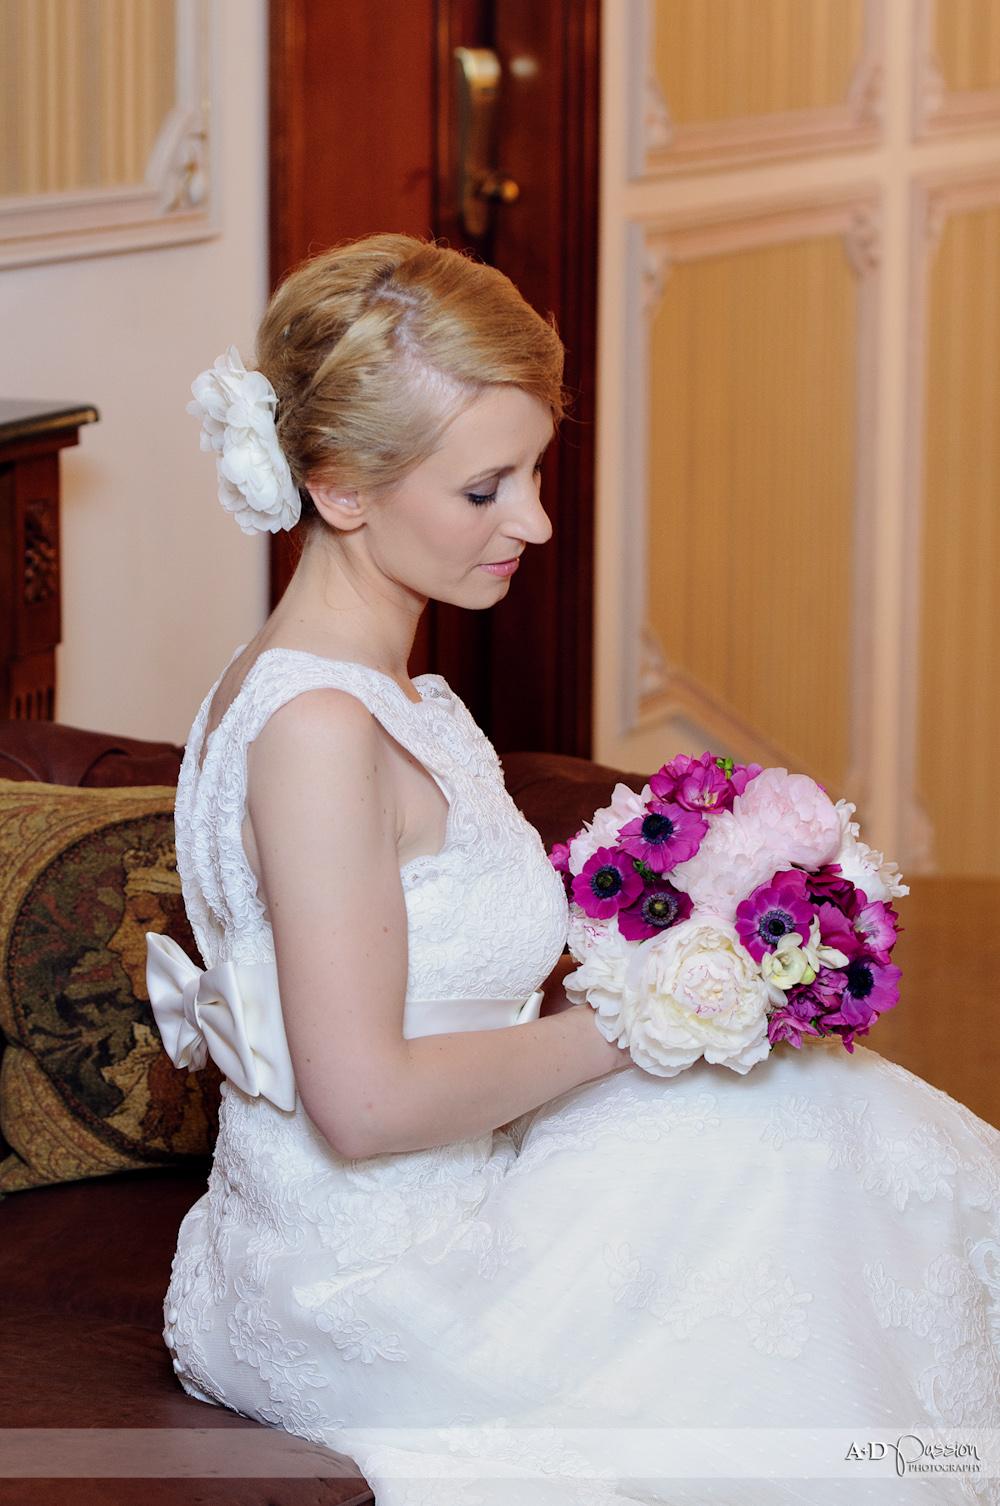 AD Passion Photography | 20120611_fotografie-de-nunta_fotograf-profesionist-nunta-bucuresti_0041 | Adelin, Dida, fotograf profesionist, fotograf de nunta, fotografie de nunta, fotograf Timisoara, fotograf Craiova, fotograf Bucuresti, fotograf Arad, nunta Timisoara, nunta Arad, nunta Bucuresti, nunta Craiova